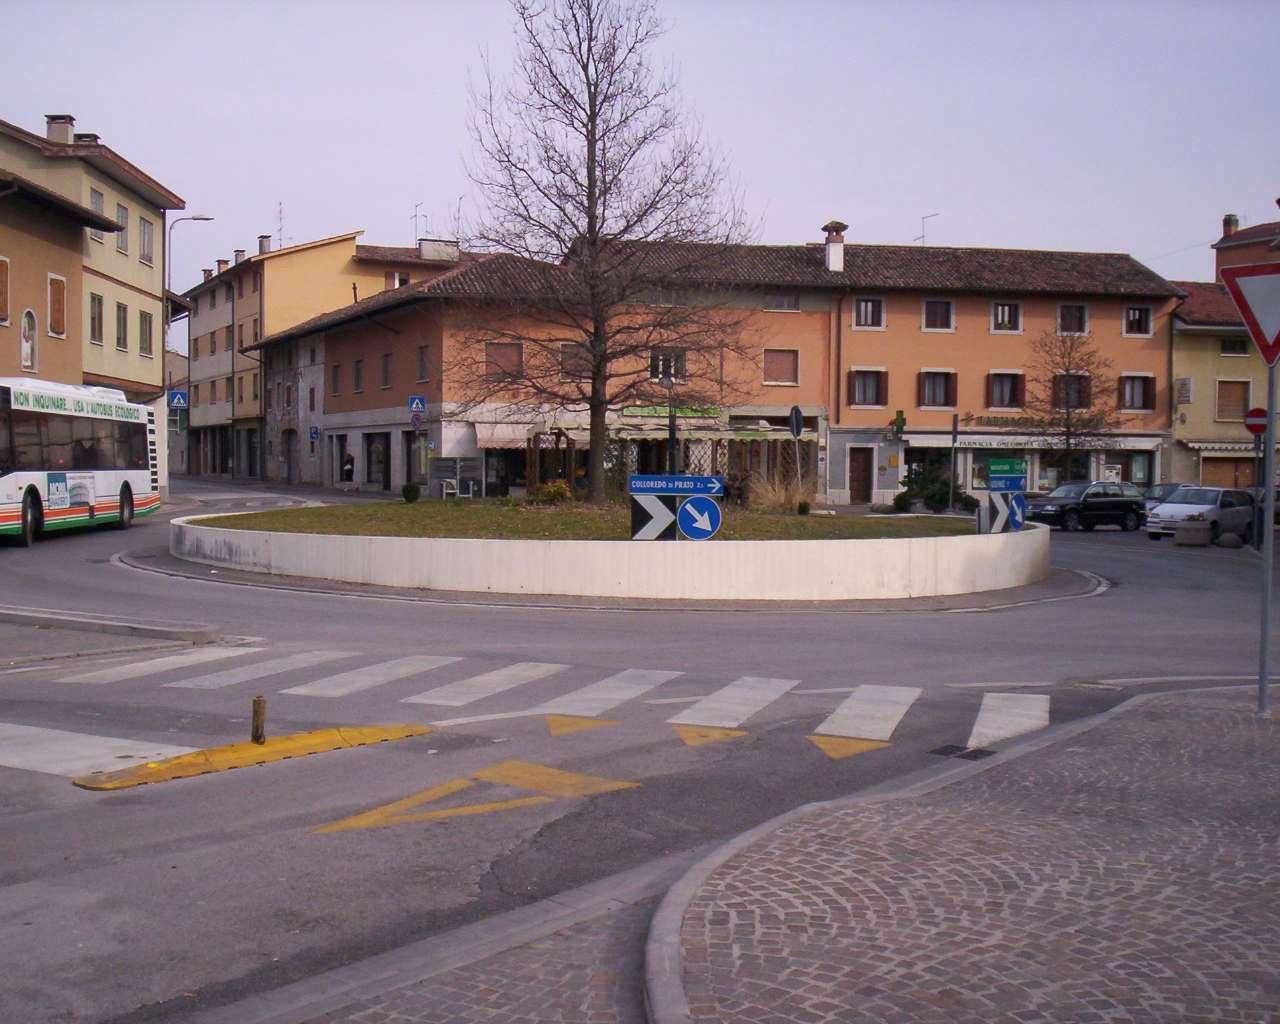 Piazza Matteotti - Pasian di Prato